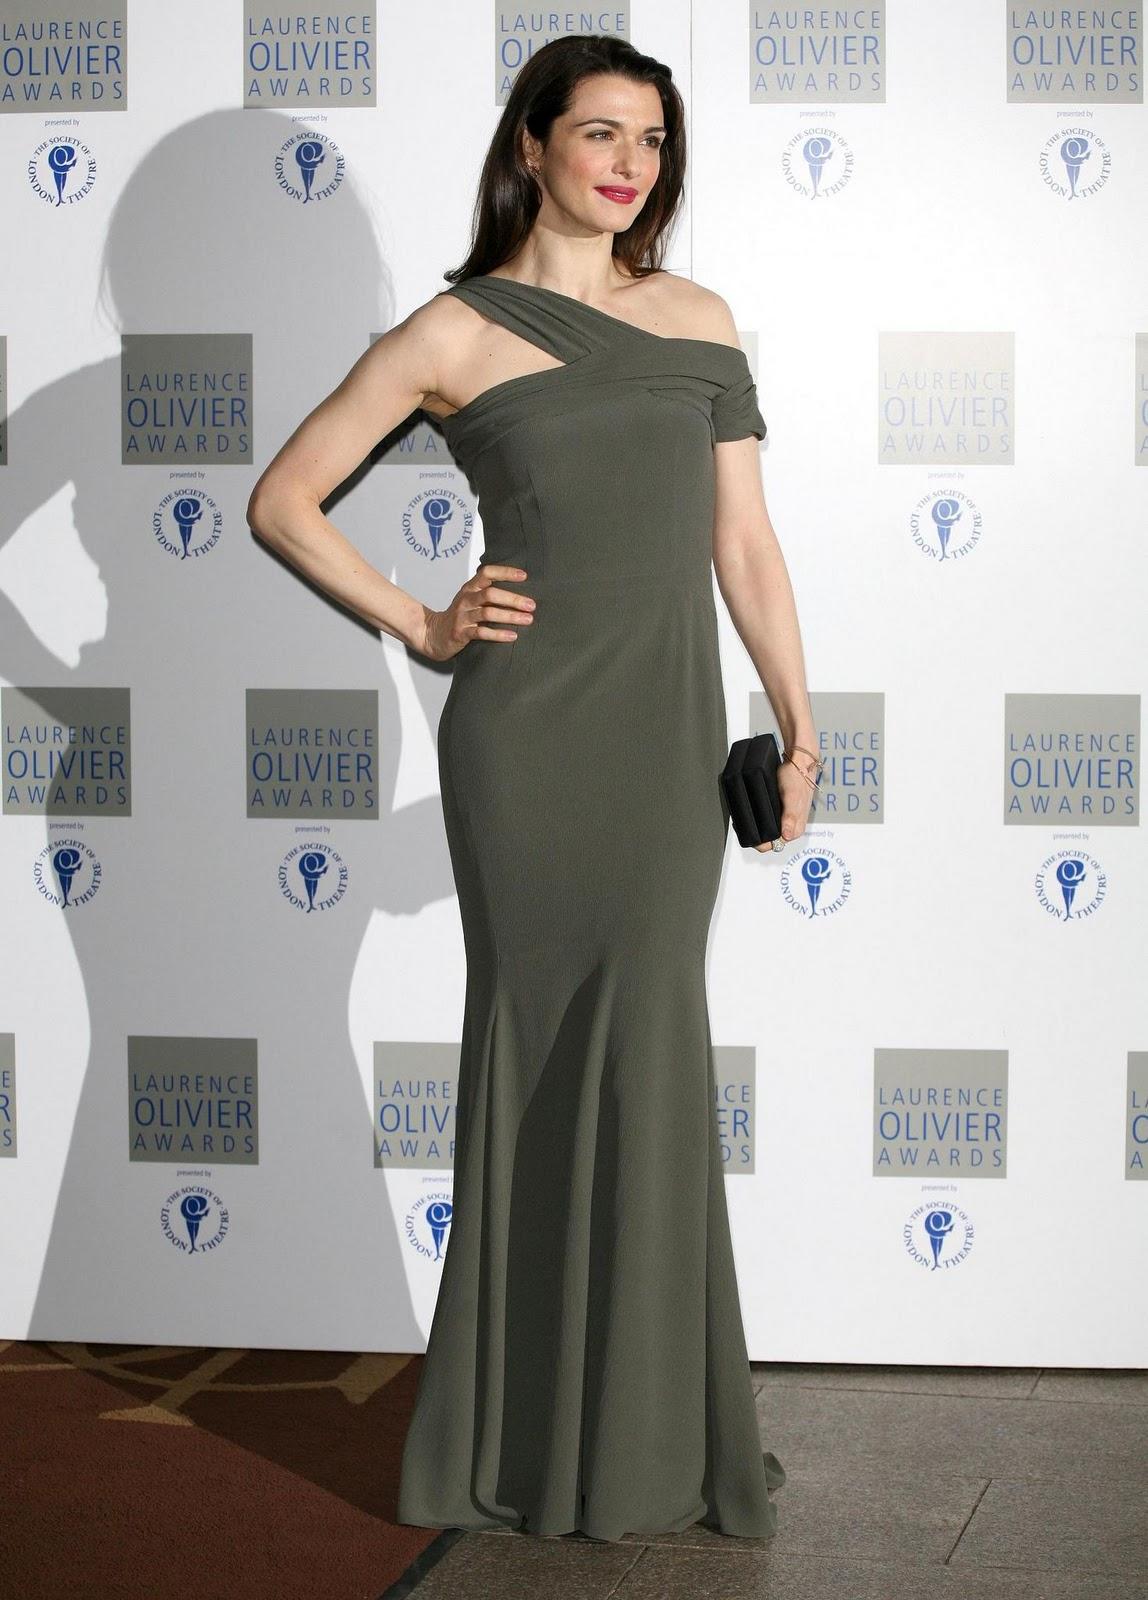 http://4.bp.blogspot.com/_uMuIGJajfdg/TULHHOGh4YI/AAAAAAAAHXQ/rUaZClp4Ahs/s1600/Hot_Rachel_Weisz_pics_from_Laurence_Olivier_Awards+4.jpg